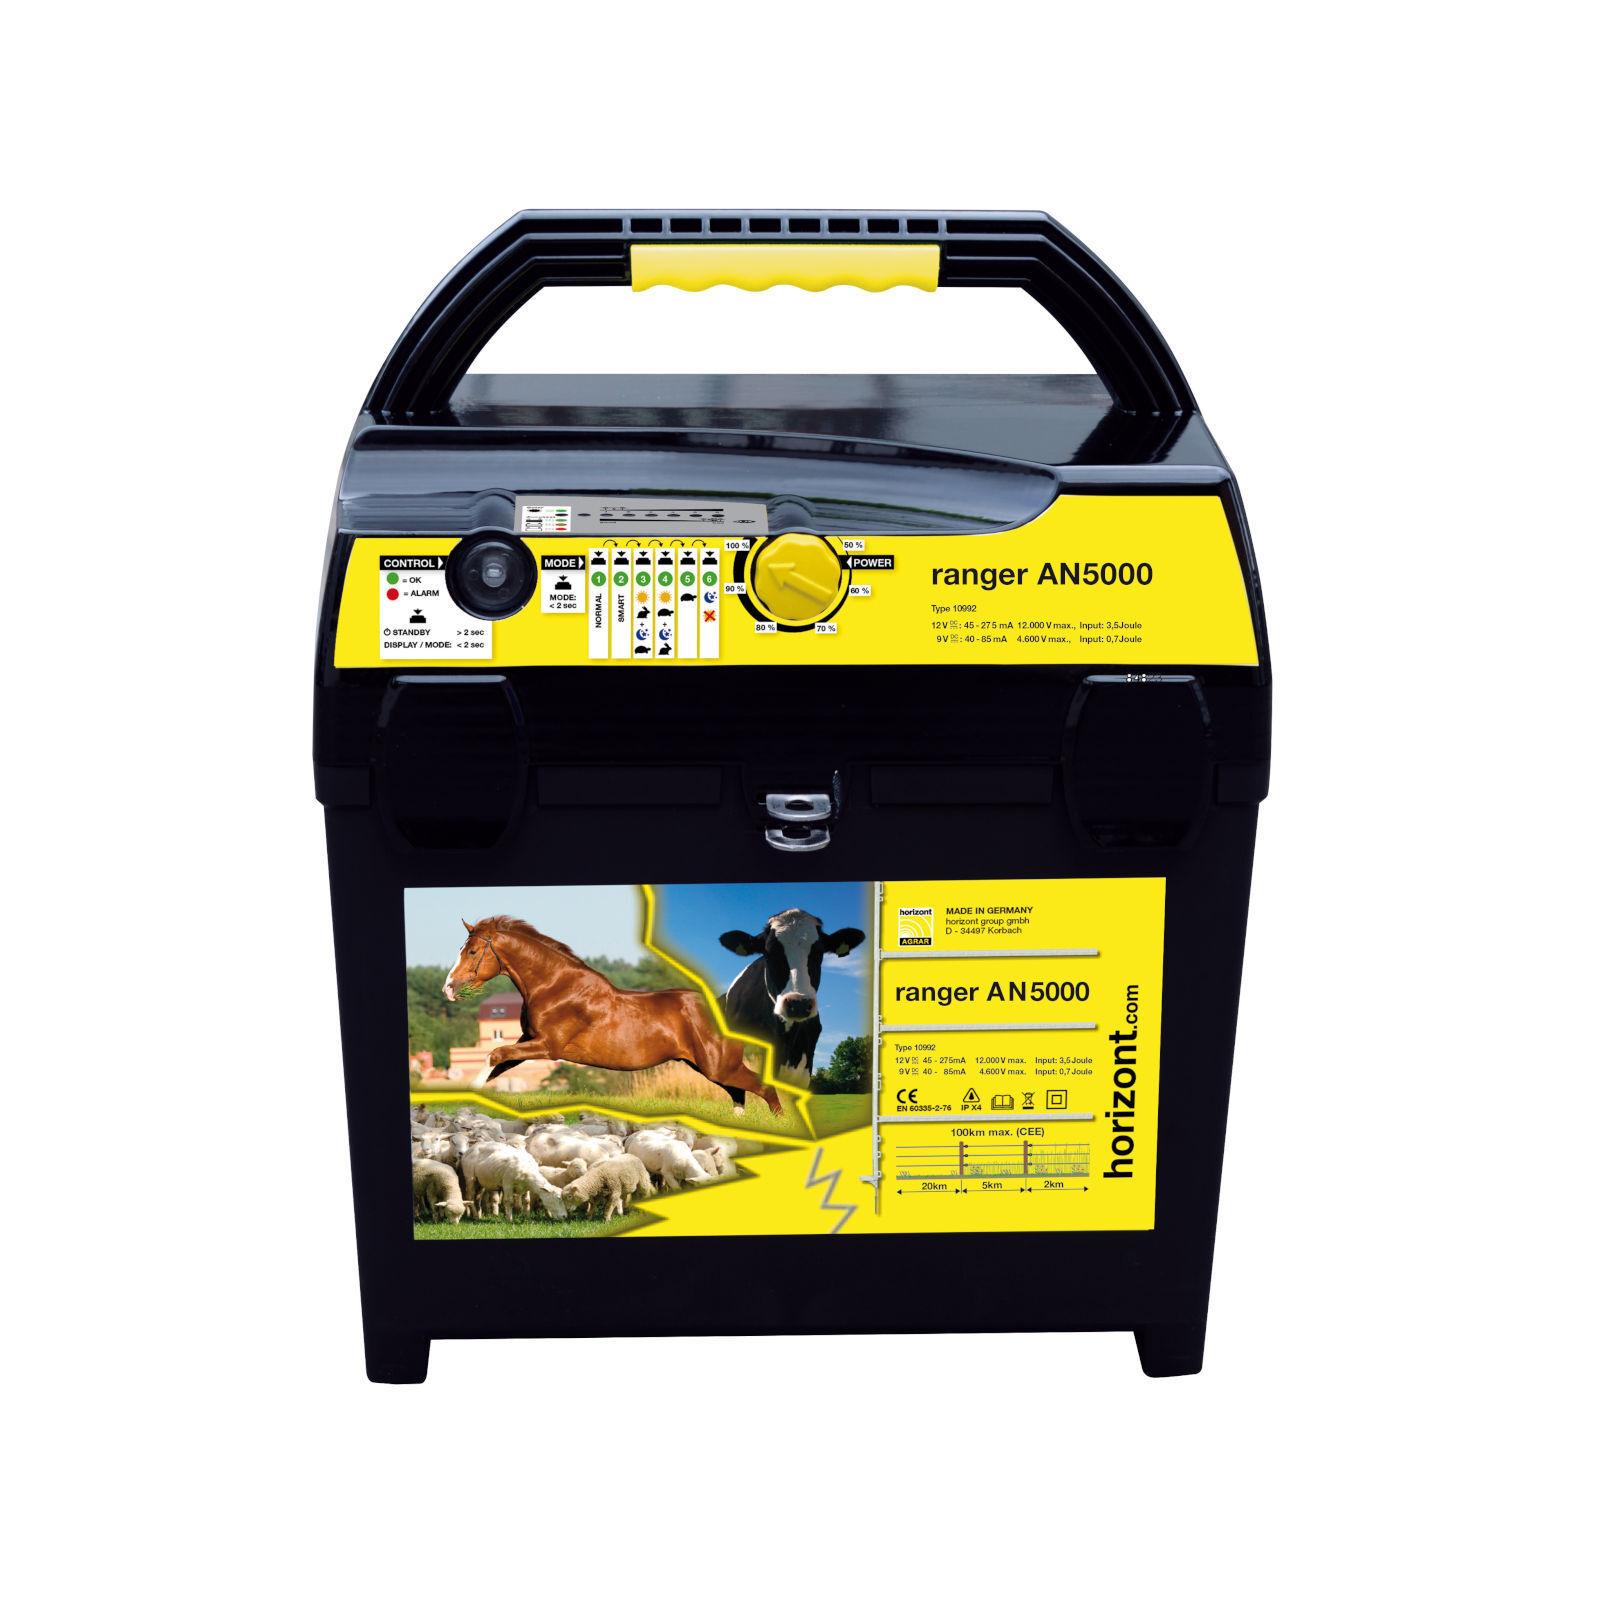 Horizont Weidezaungerät ranger AN5000 Elektrozaun Pferdekoppel Batteriegerät